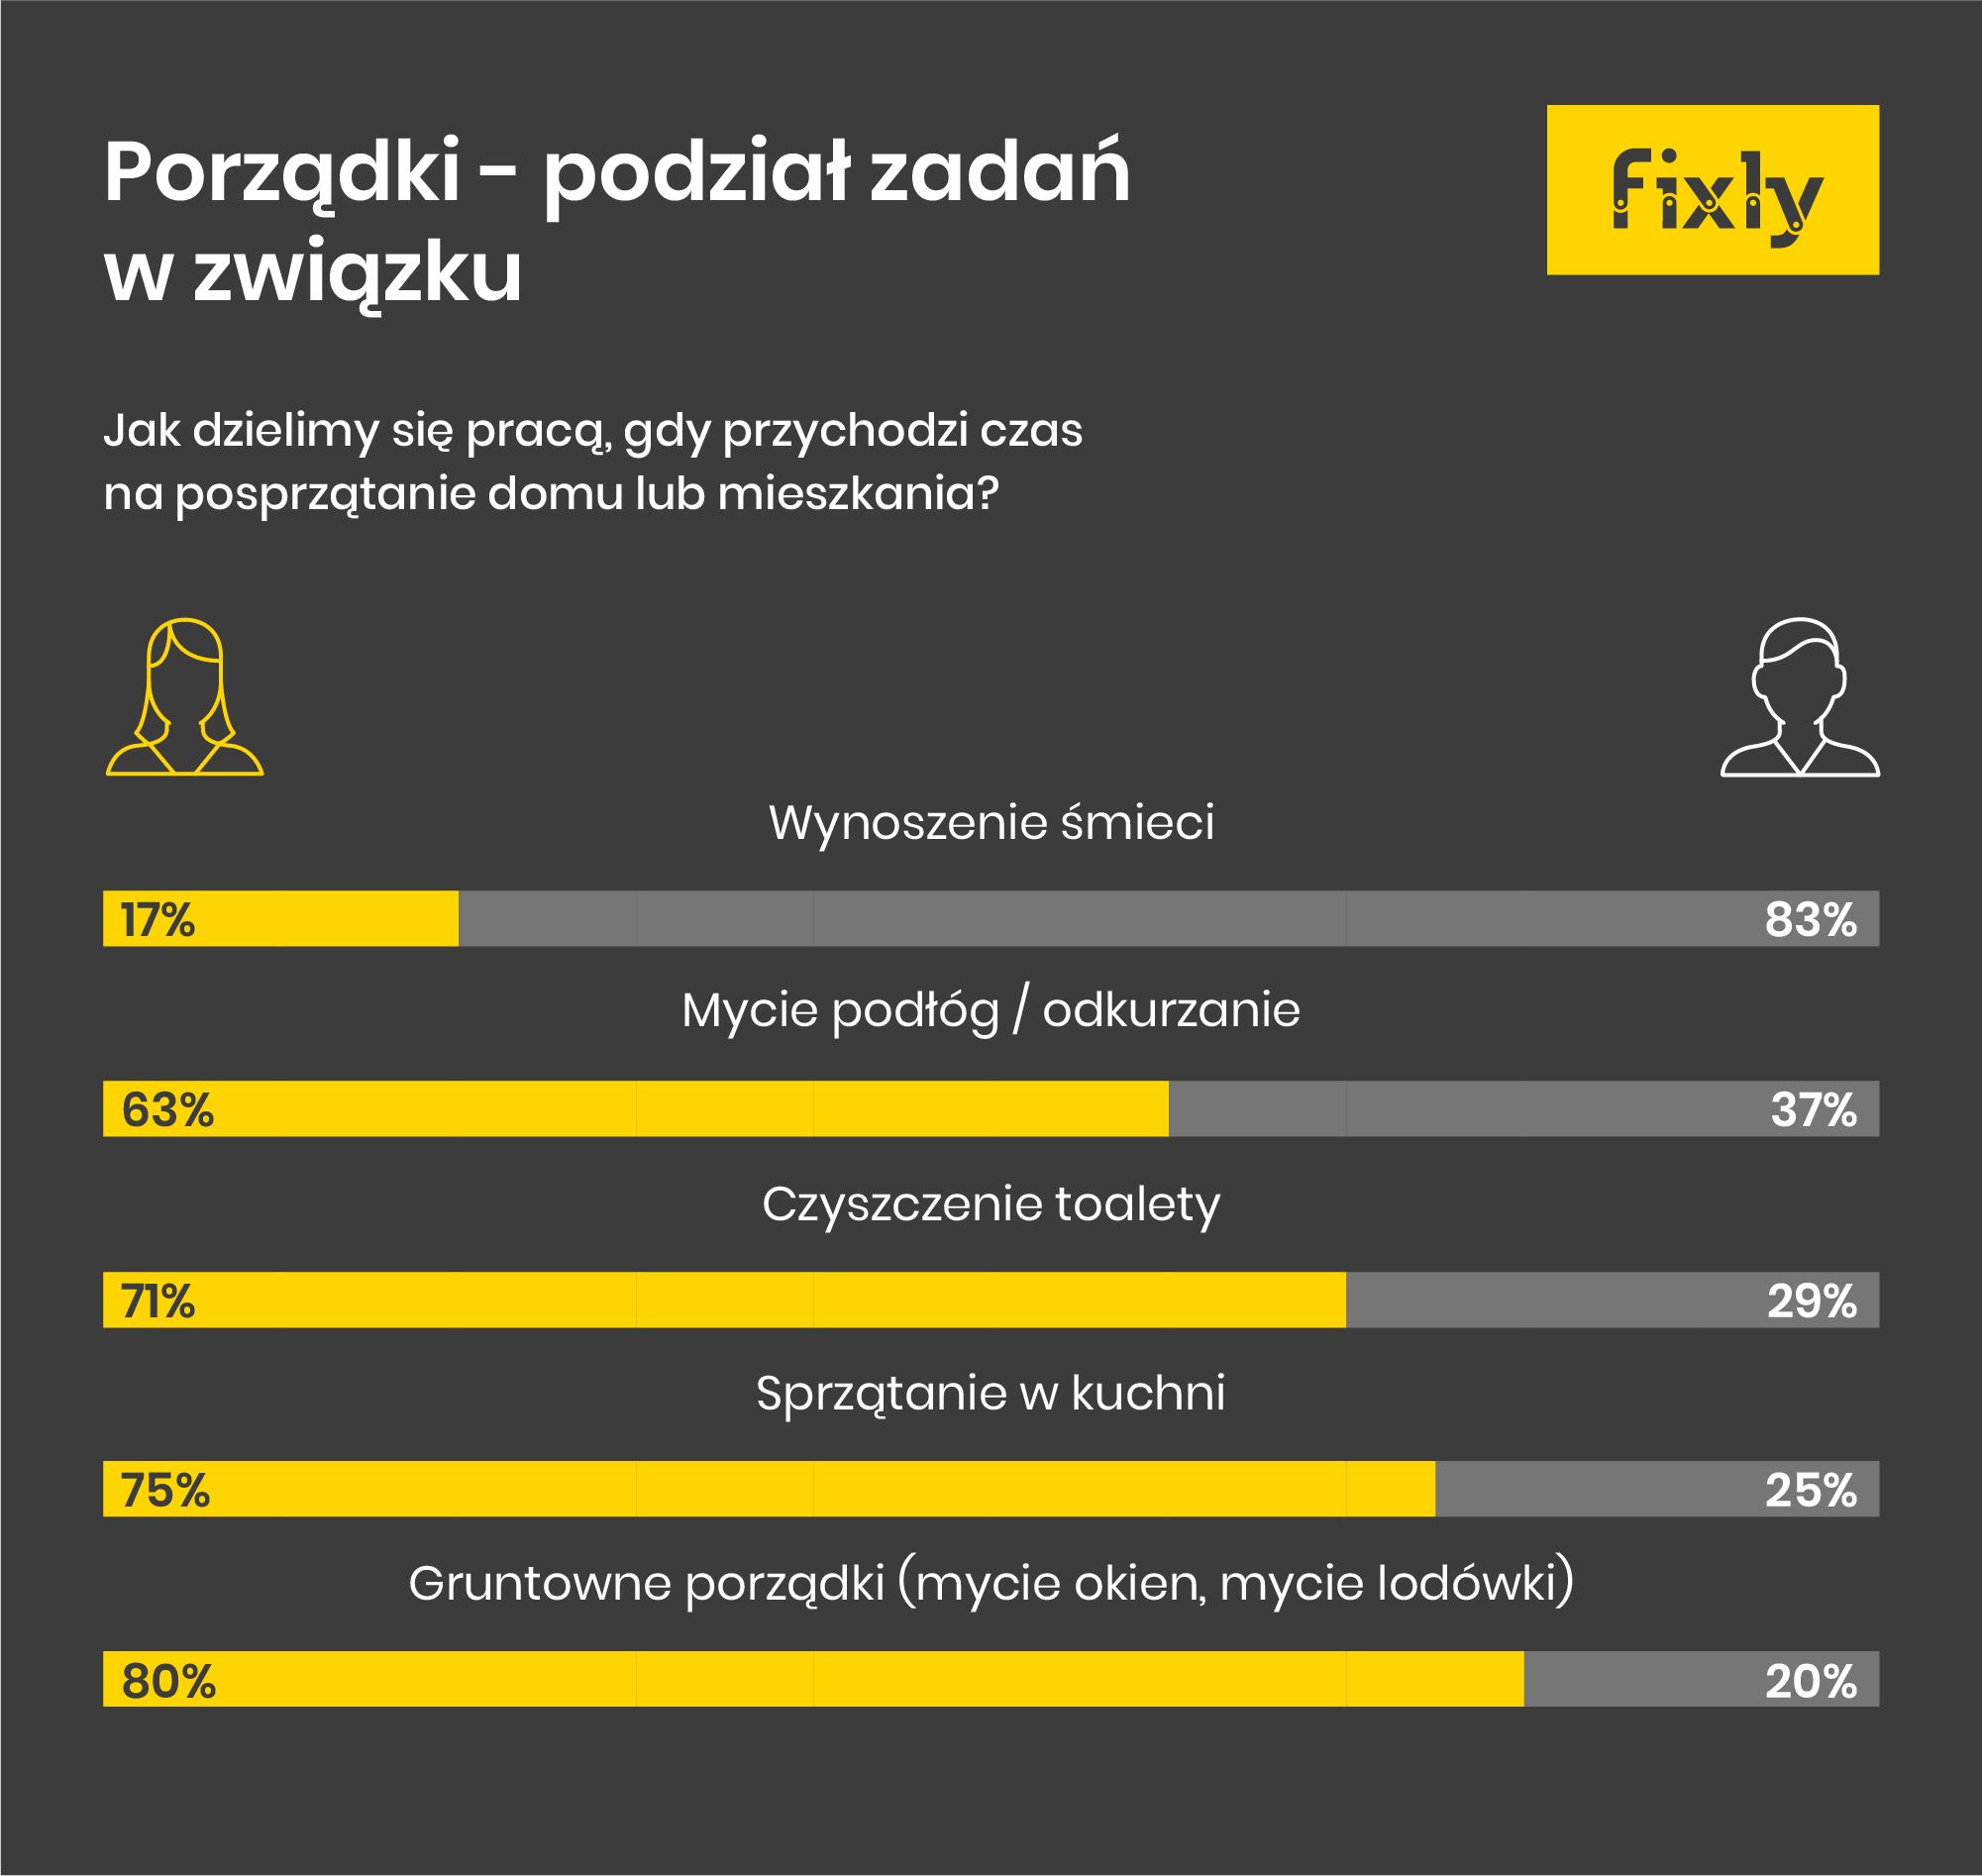 infografika podział zadań wzwiązku